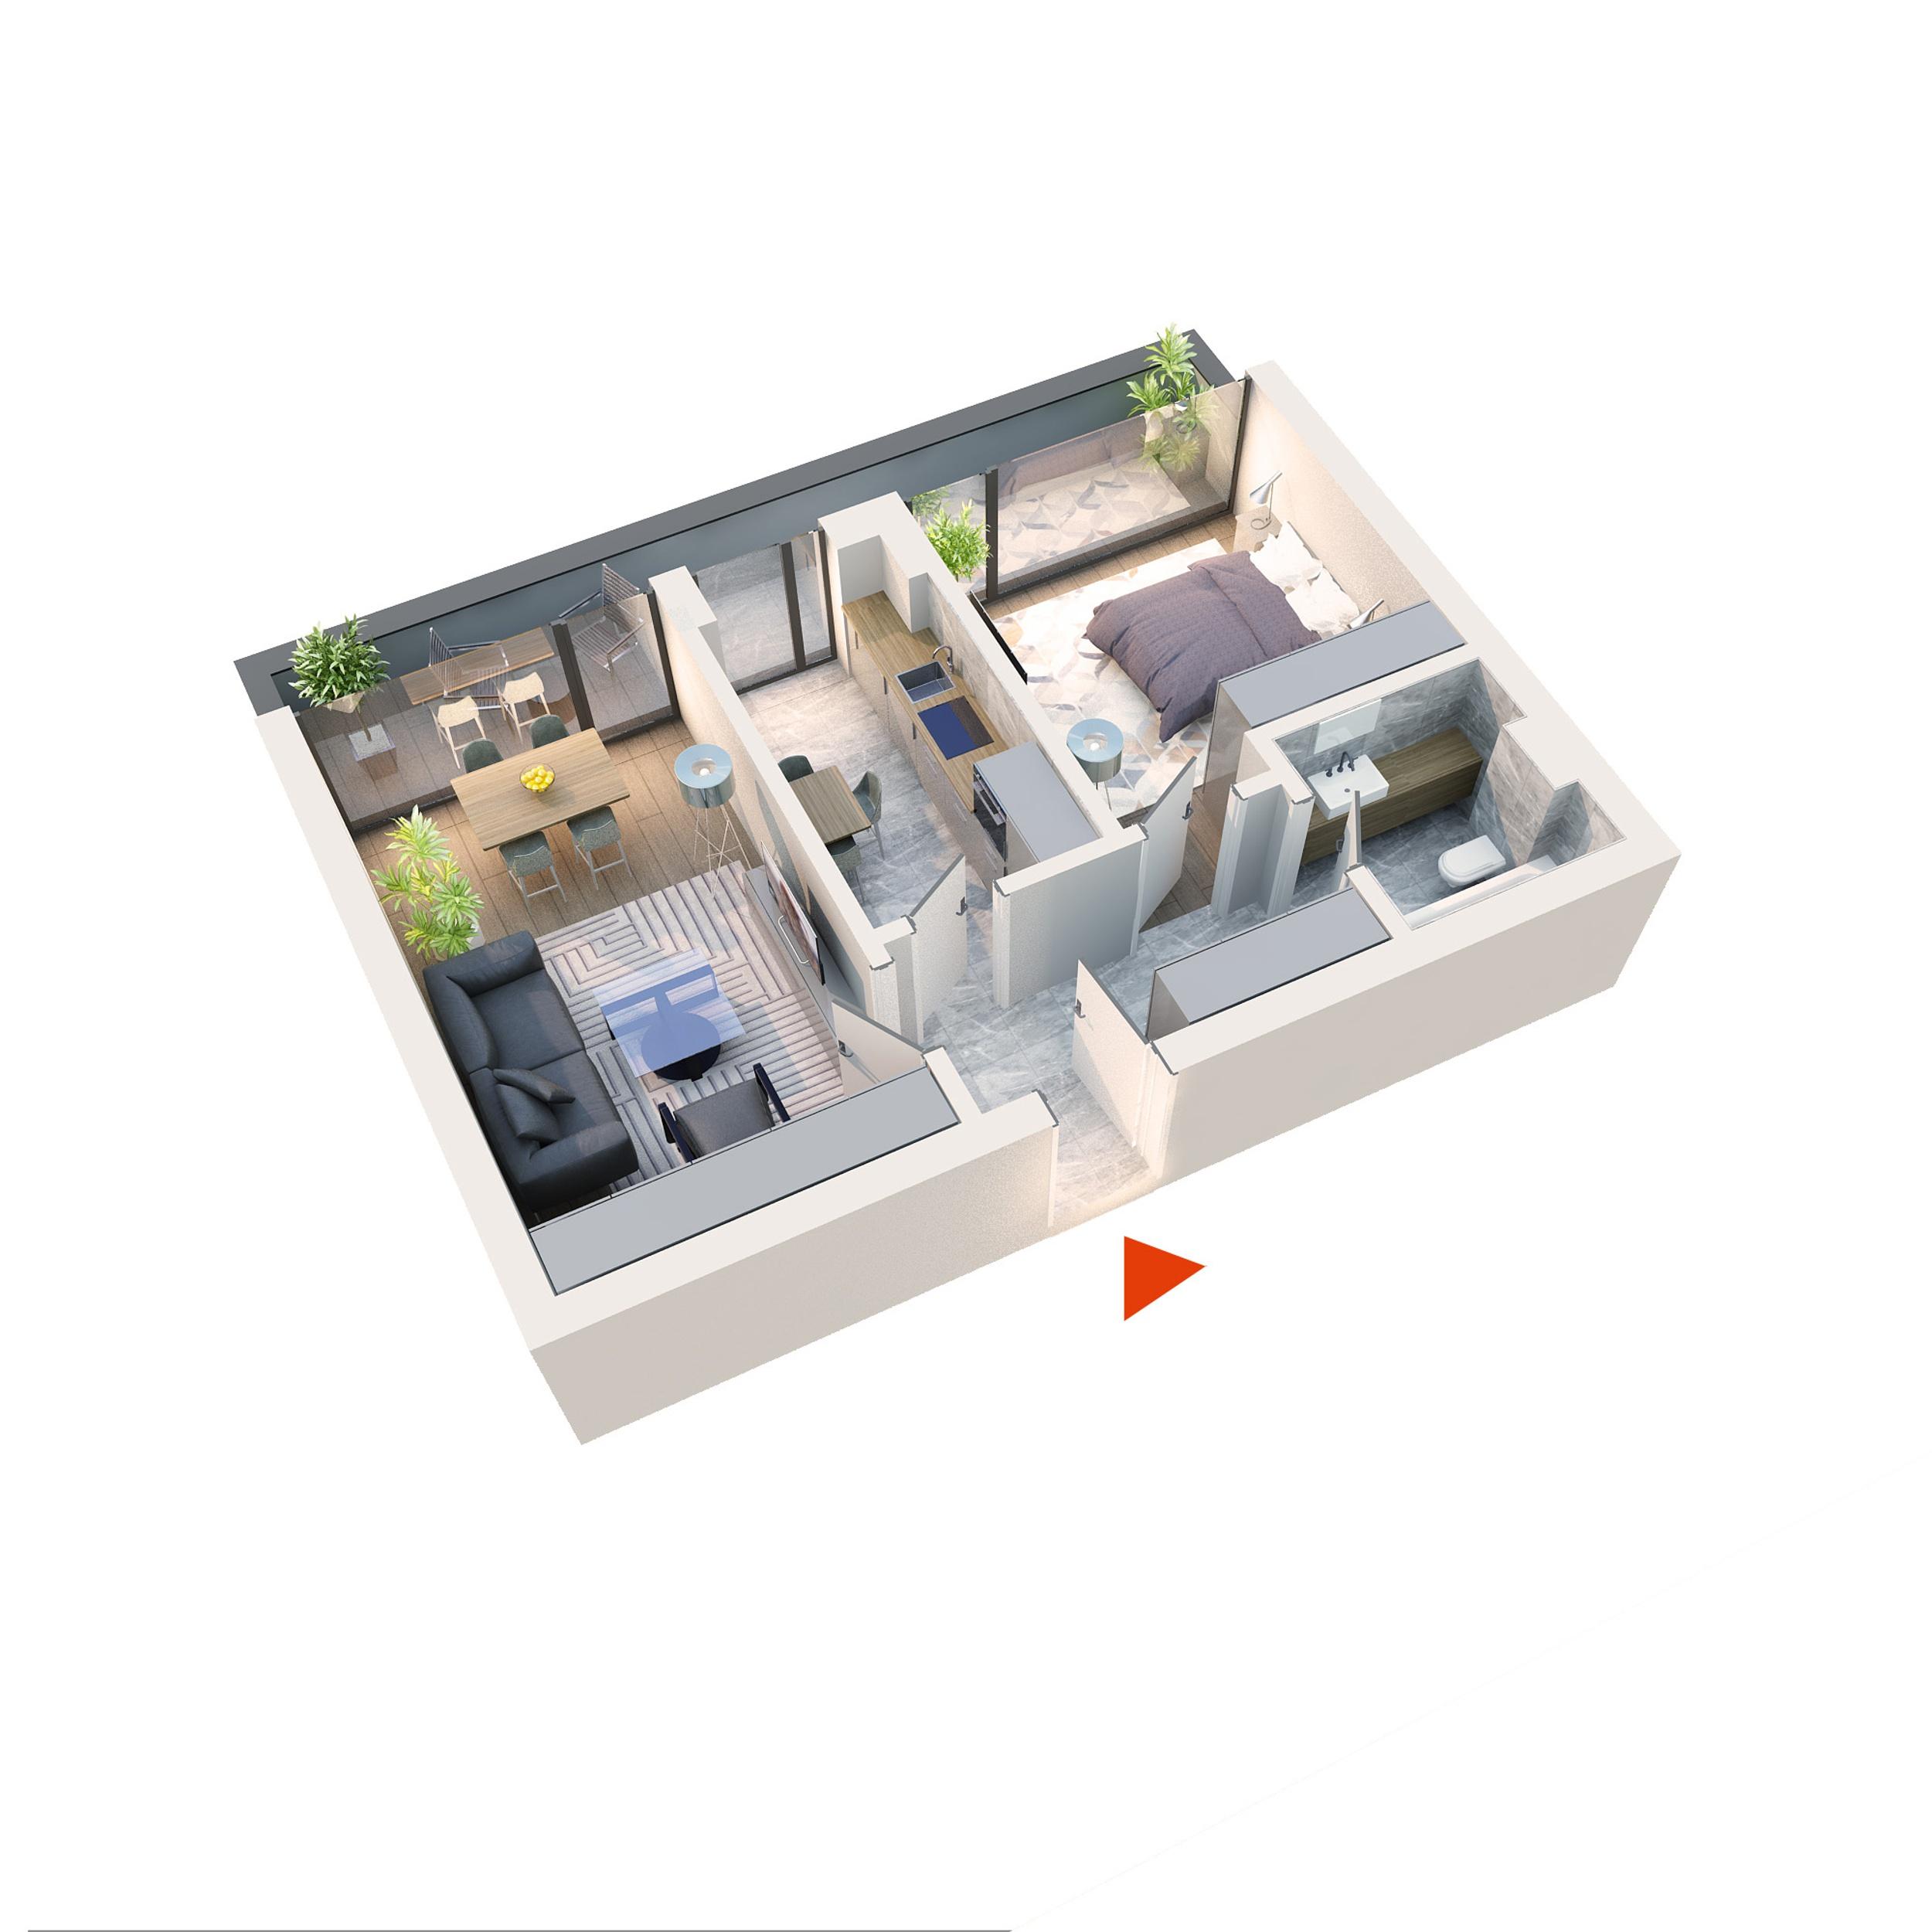 Apartament 2 camere tip 2C1 Balcon | Etaj 4 | Corp C1-C6 | Faza 2